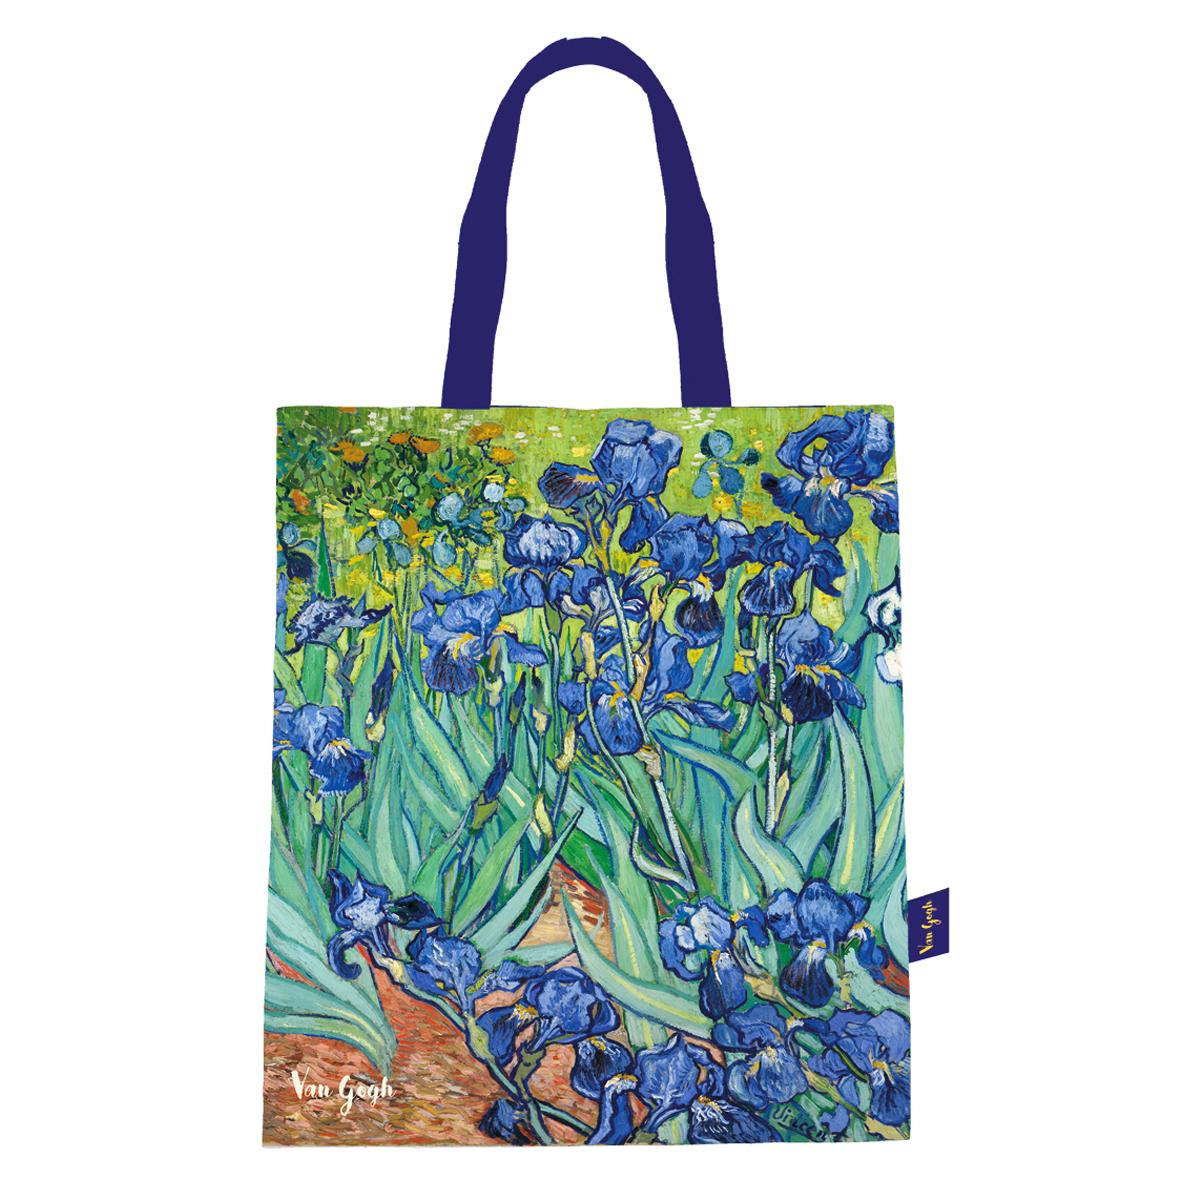 Sac coton / tote bag \'Vincent Van Gogh\' (Iris) - 44x38 cm - [Q9250]